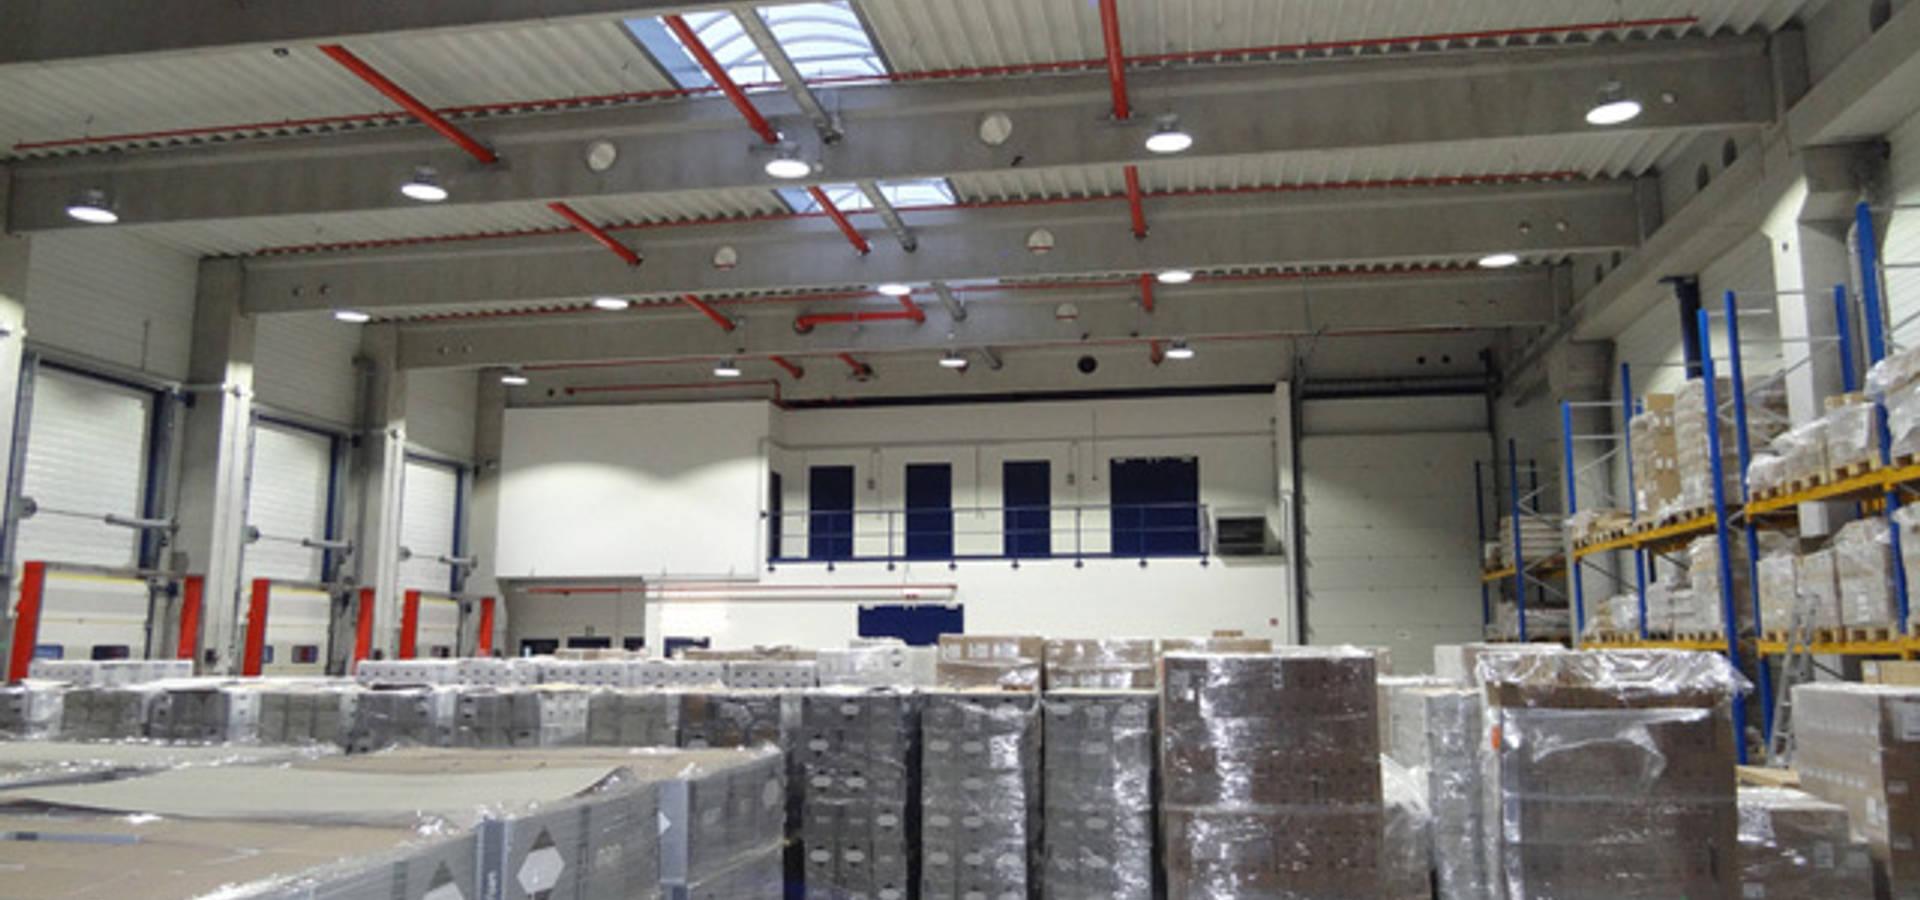 LEDAXO GmbH & Co. KG